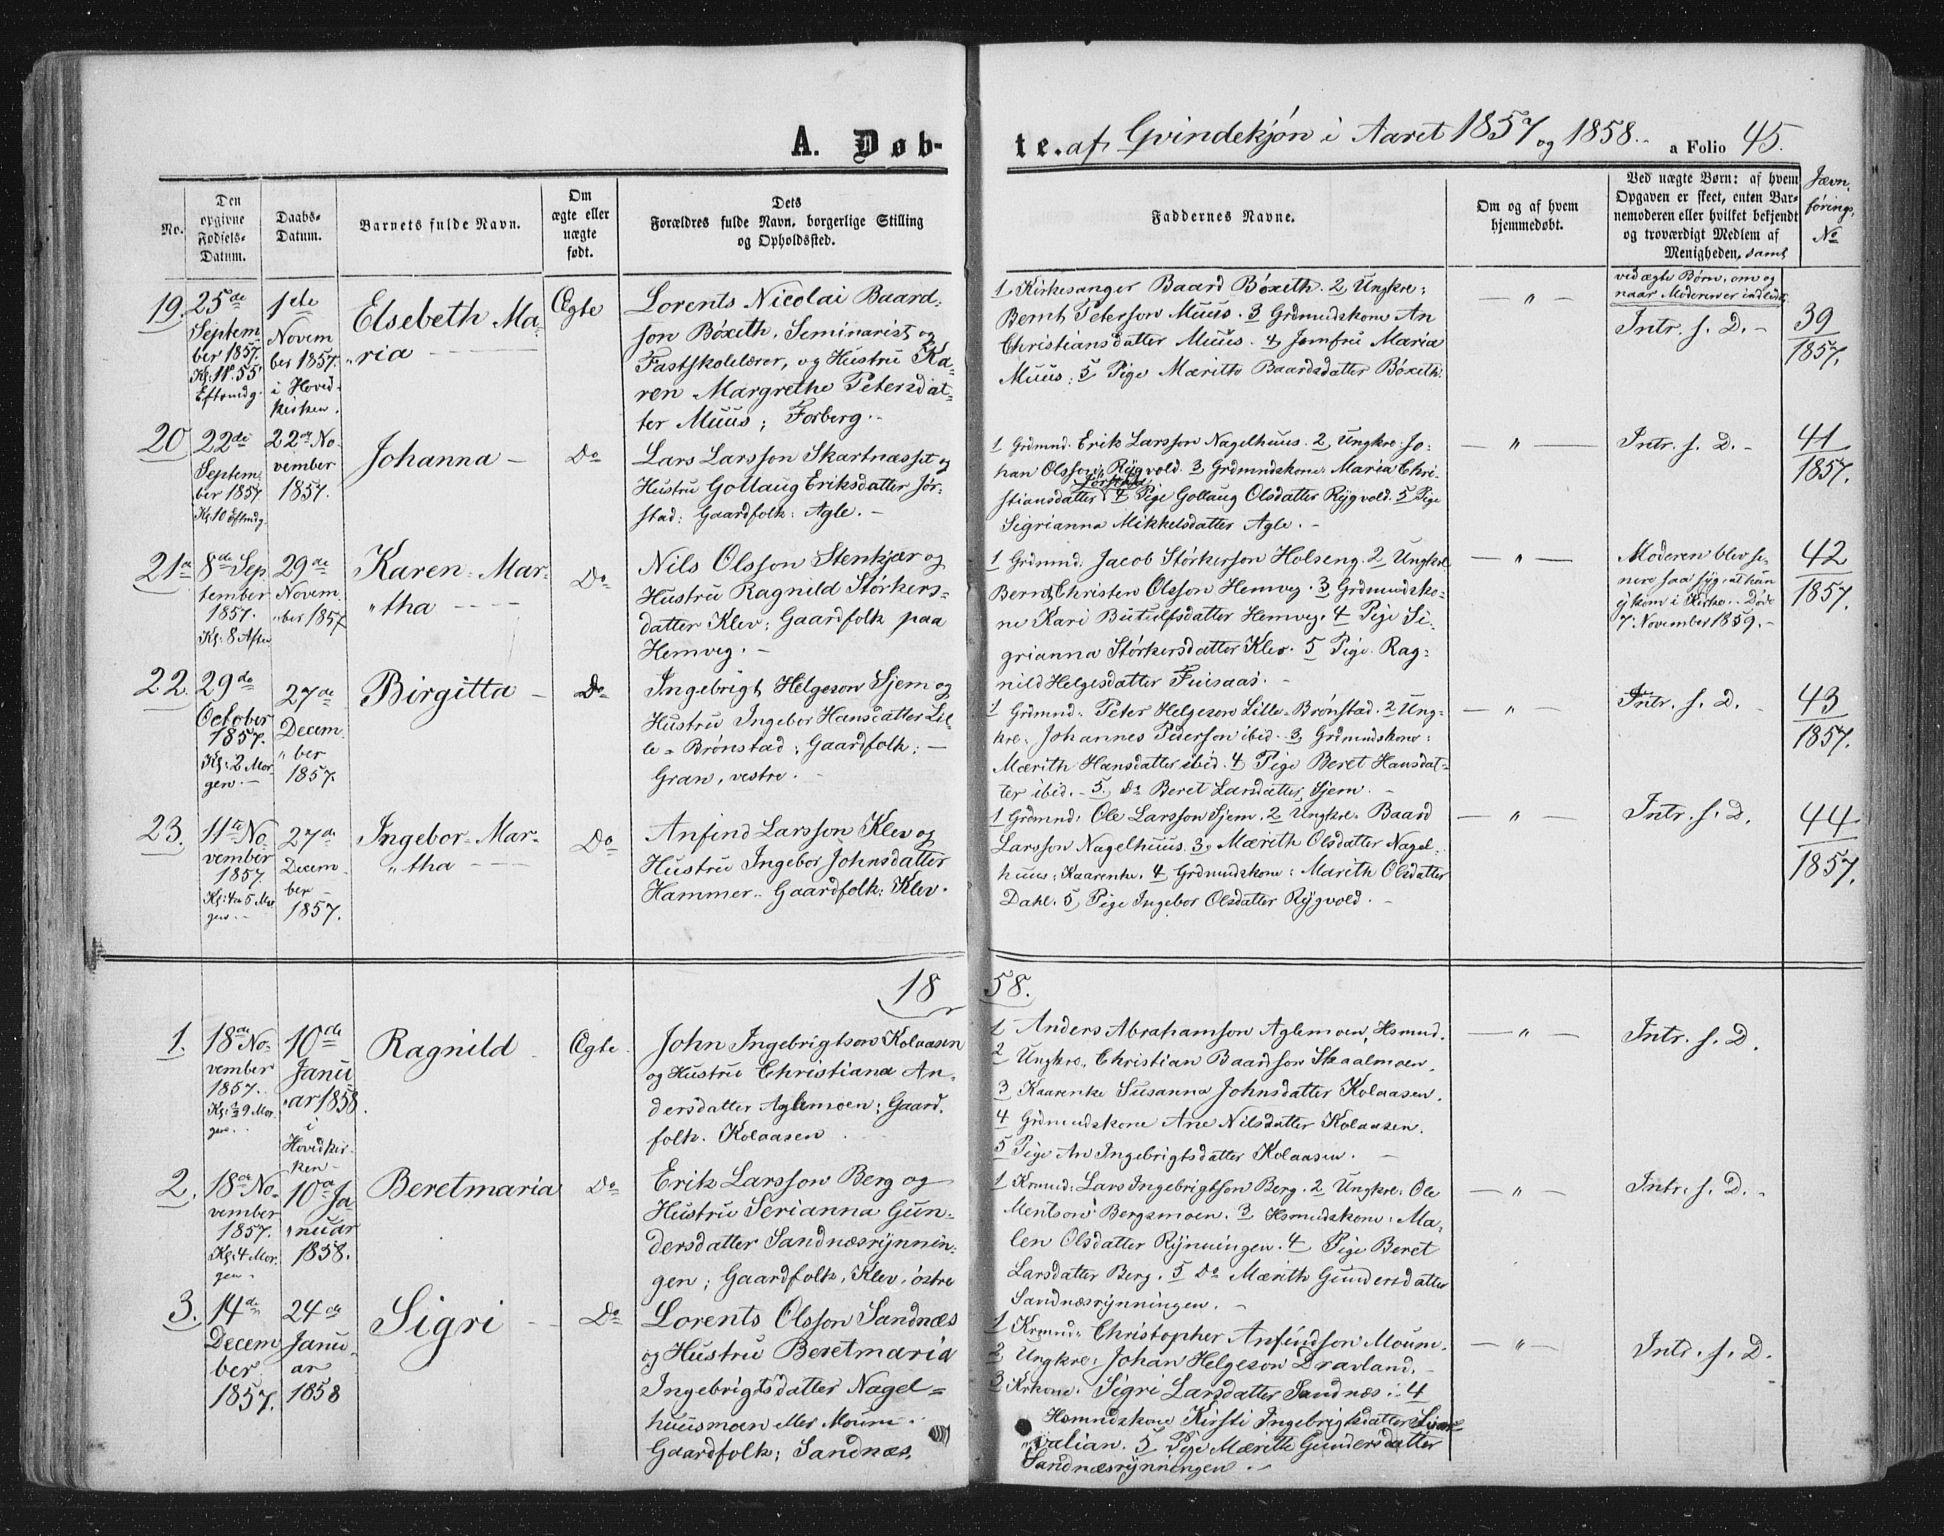 SAT, Ministerialprotokoller, klokkerbøker og fødselsregistre - Nord-Trøndelag, 749/L0472: Ministerialbok nr. 749A06, 1857-1873, s. 45